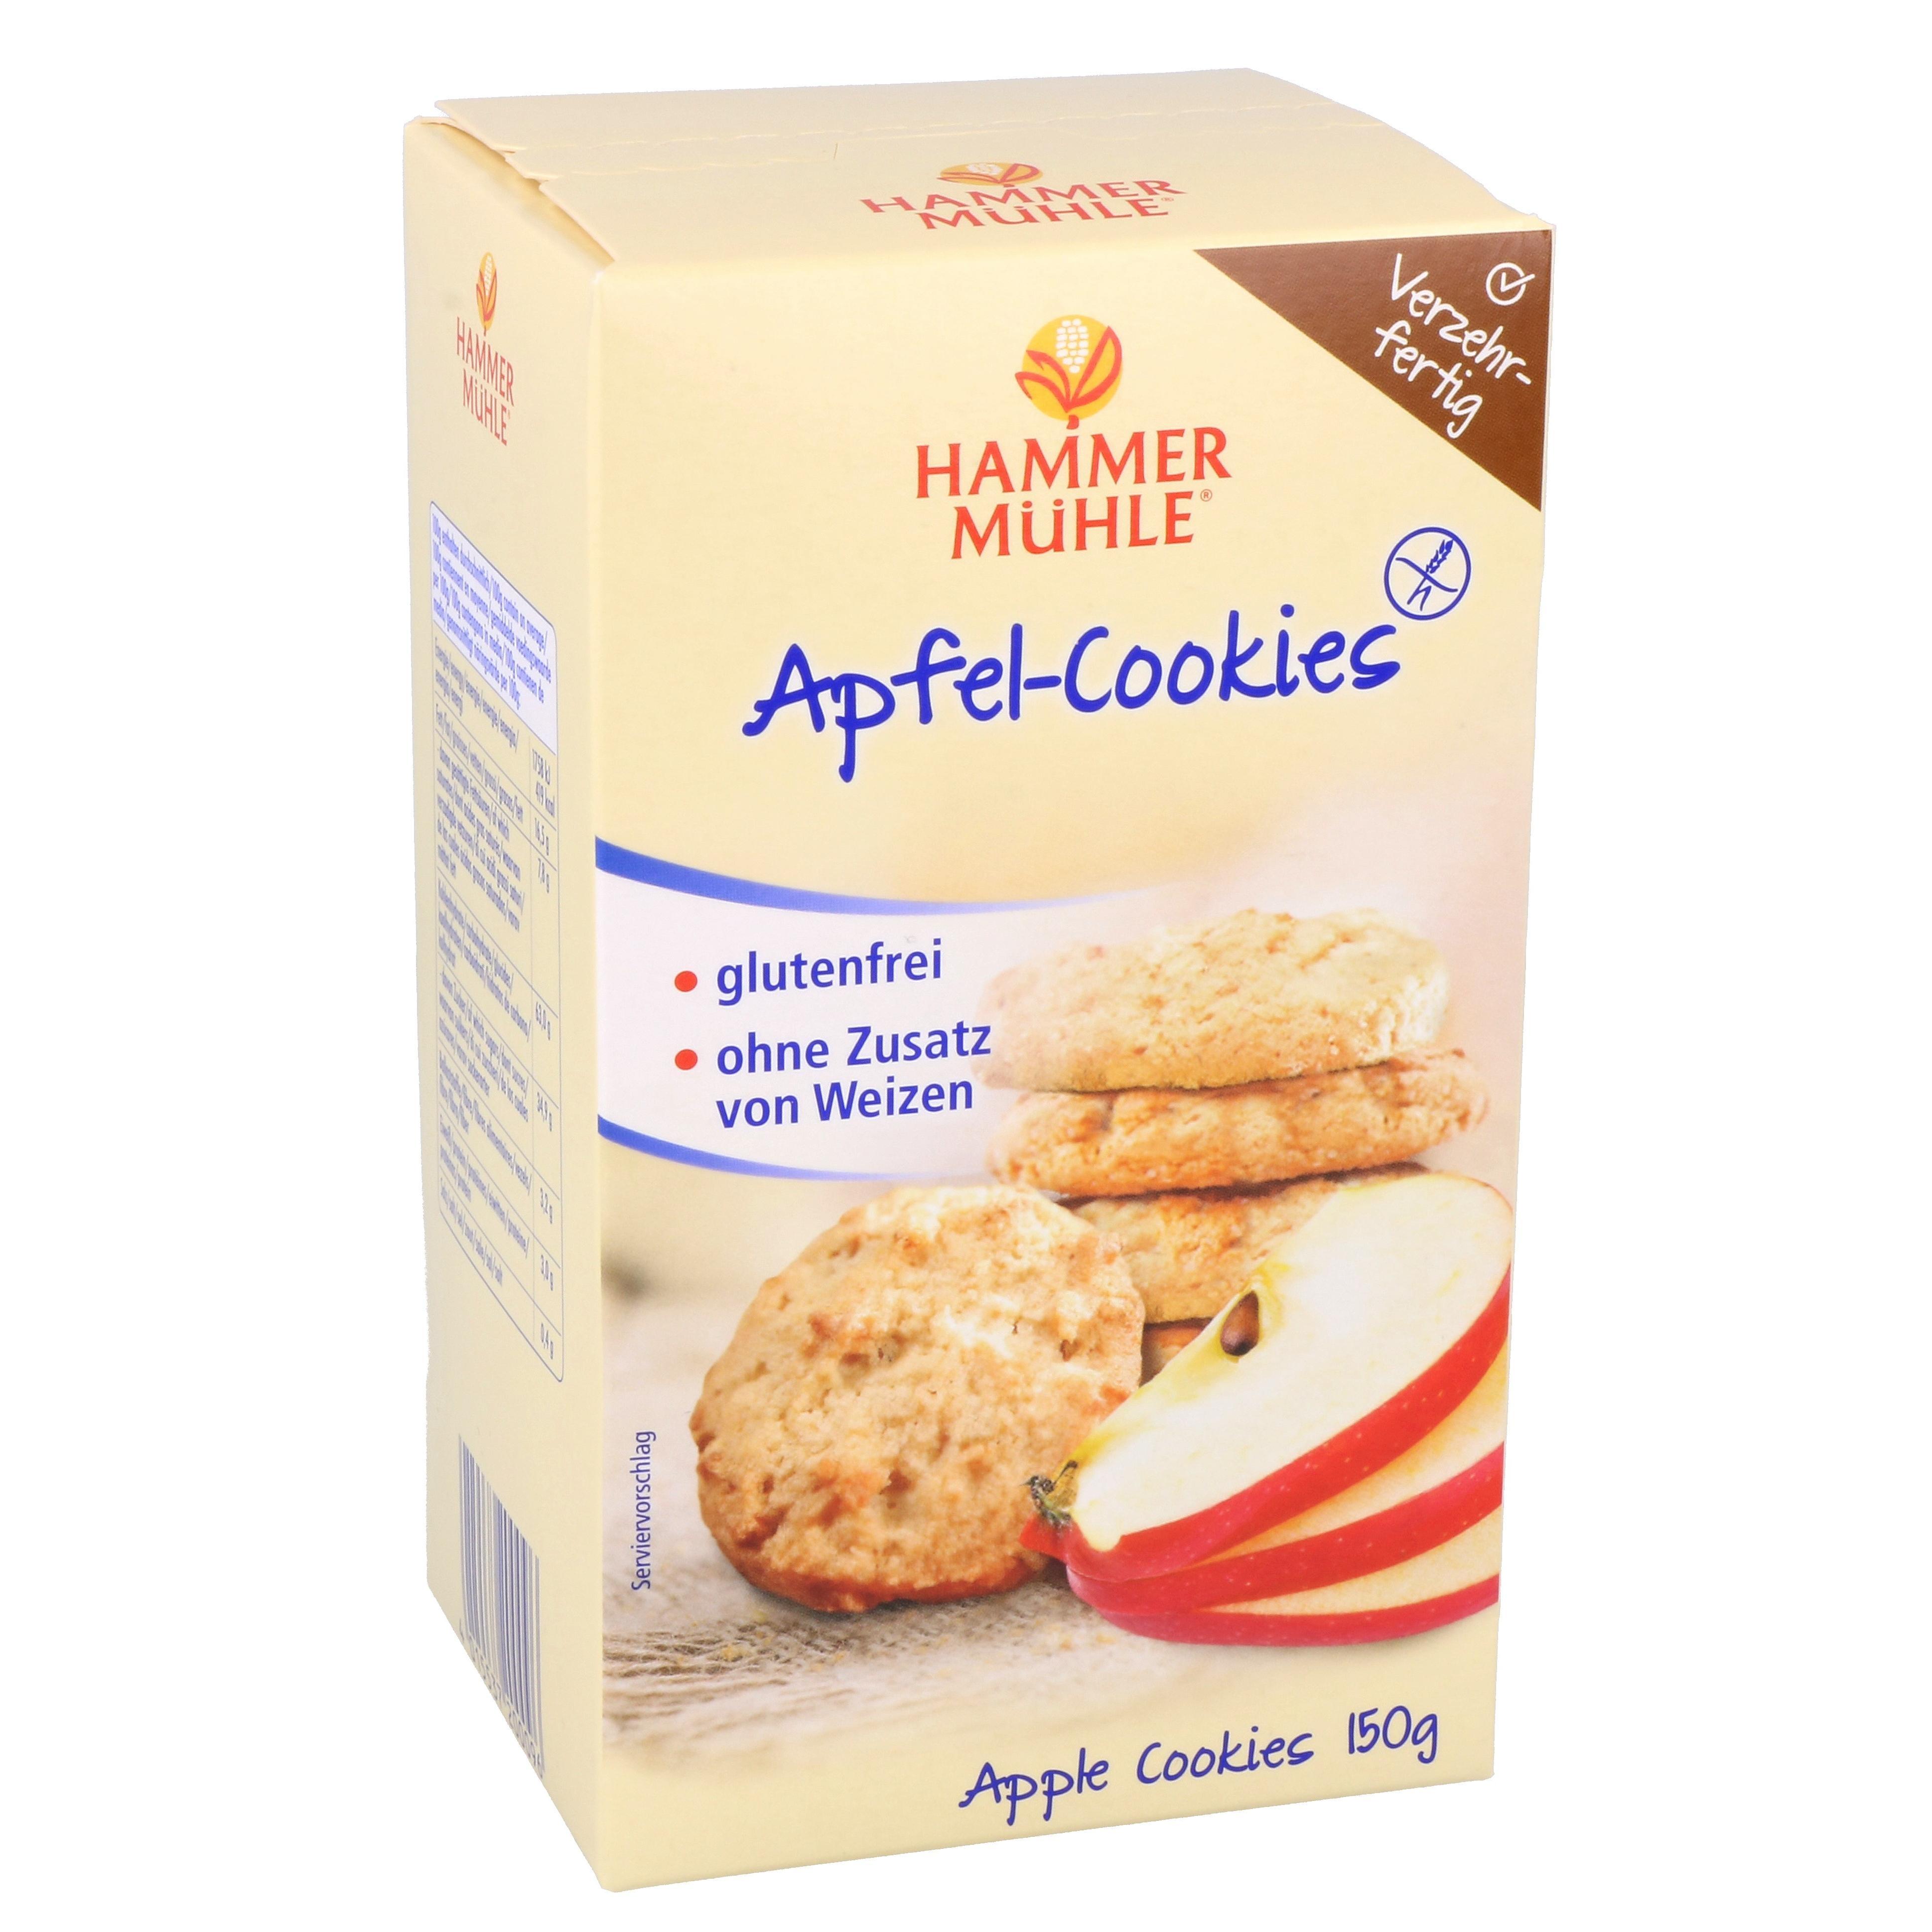 Hammermühle Apfel-Cookies 150g